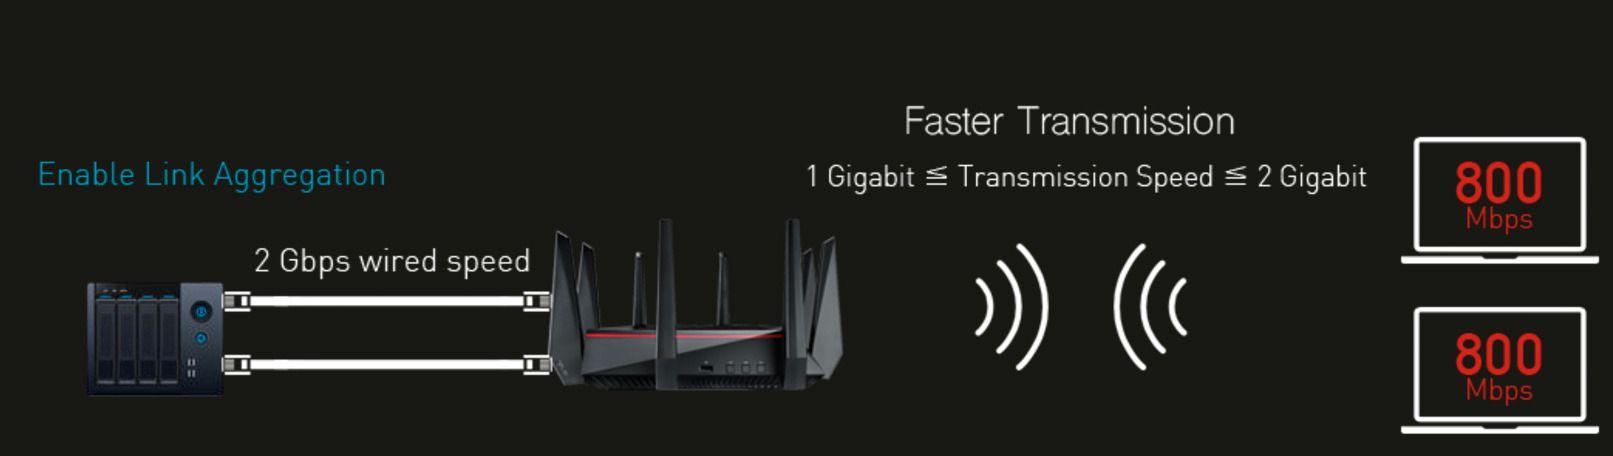 Slik forklarer Asus hvordan Link Aggregation fungerer på RT-AC5300.